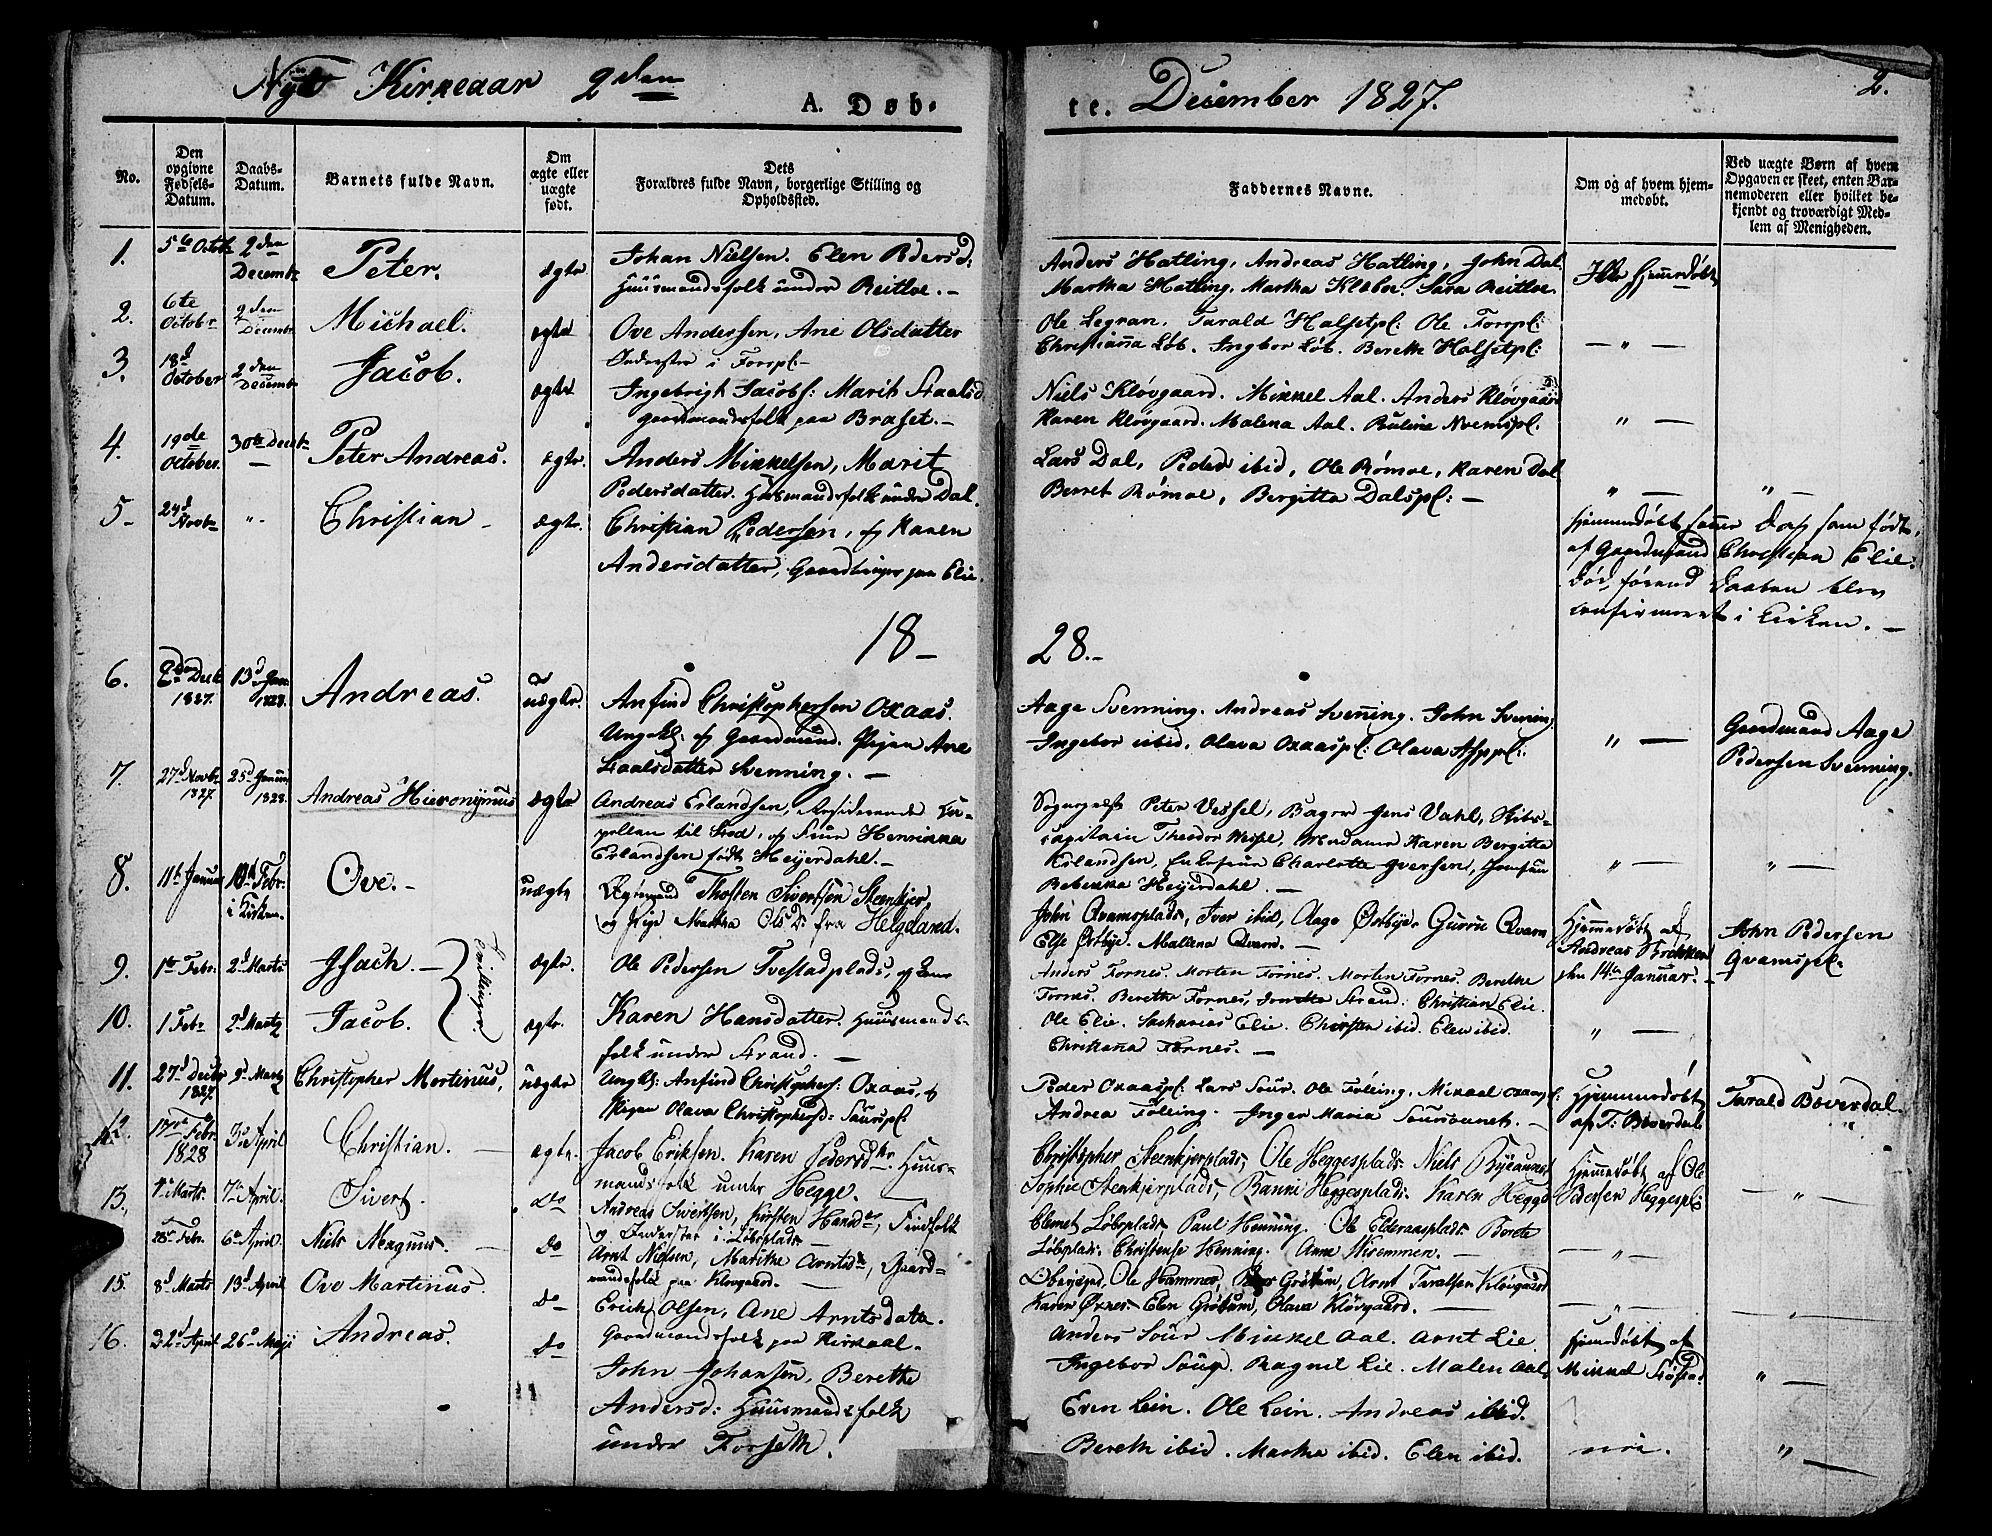 SAT, Ministerialprotokoller, klokkerbøker og fødselsregistre - Nord-Trøndelag, 746/L0445: Ministerialbok nr. 746A04, 1826-1846, s. 2